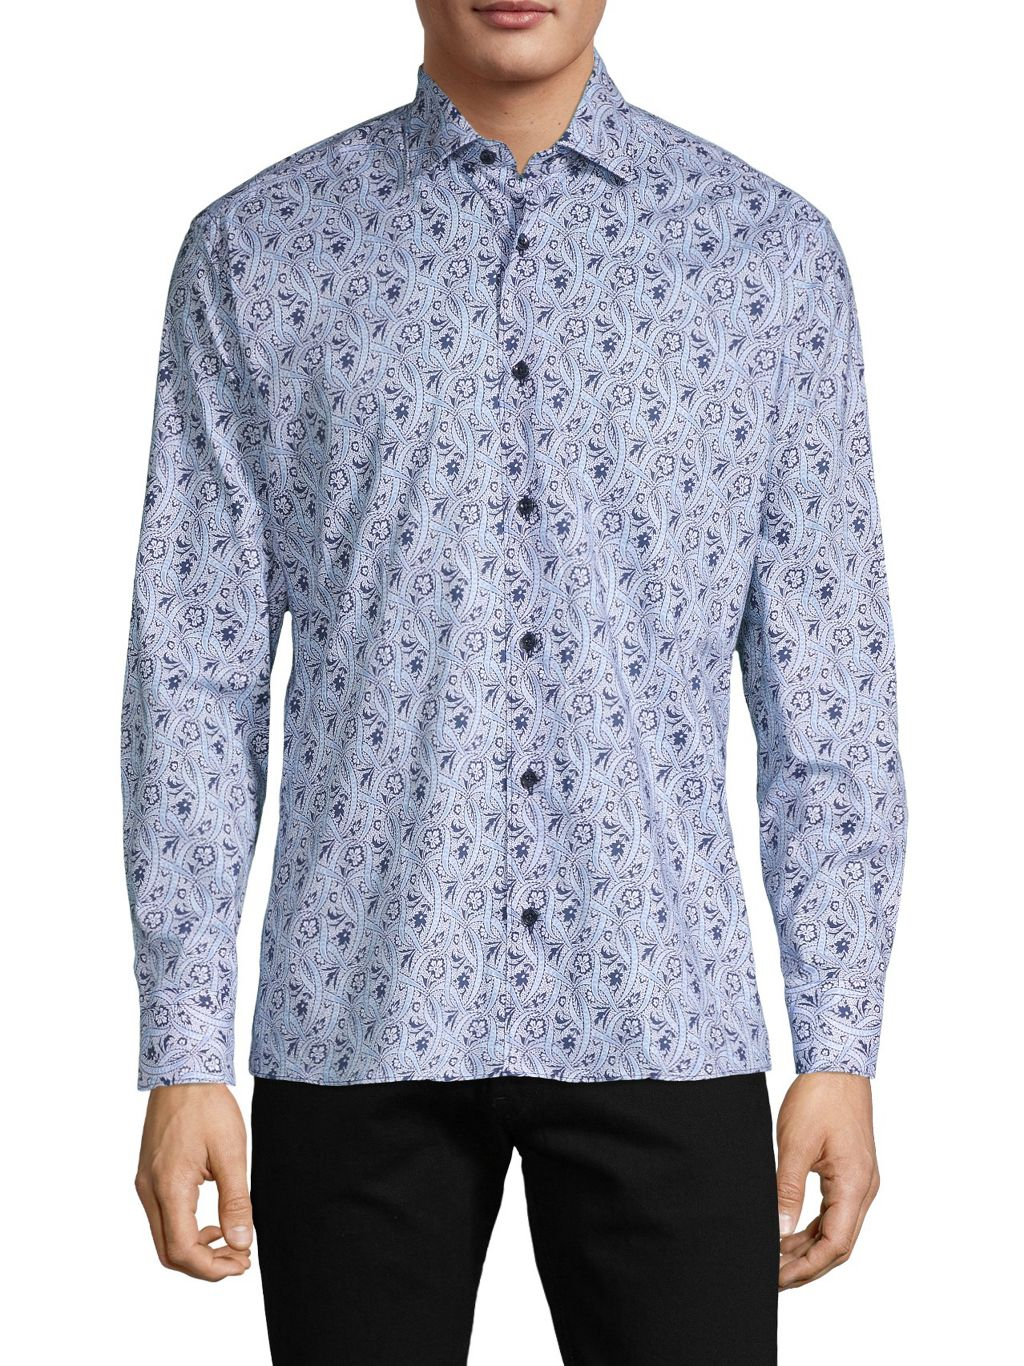 Bertigo Floral-Print Shirt